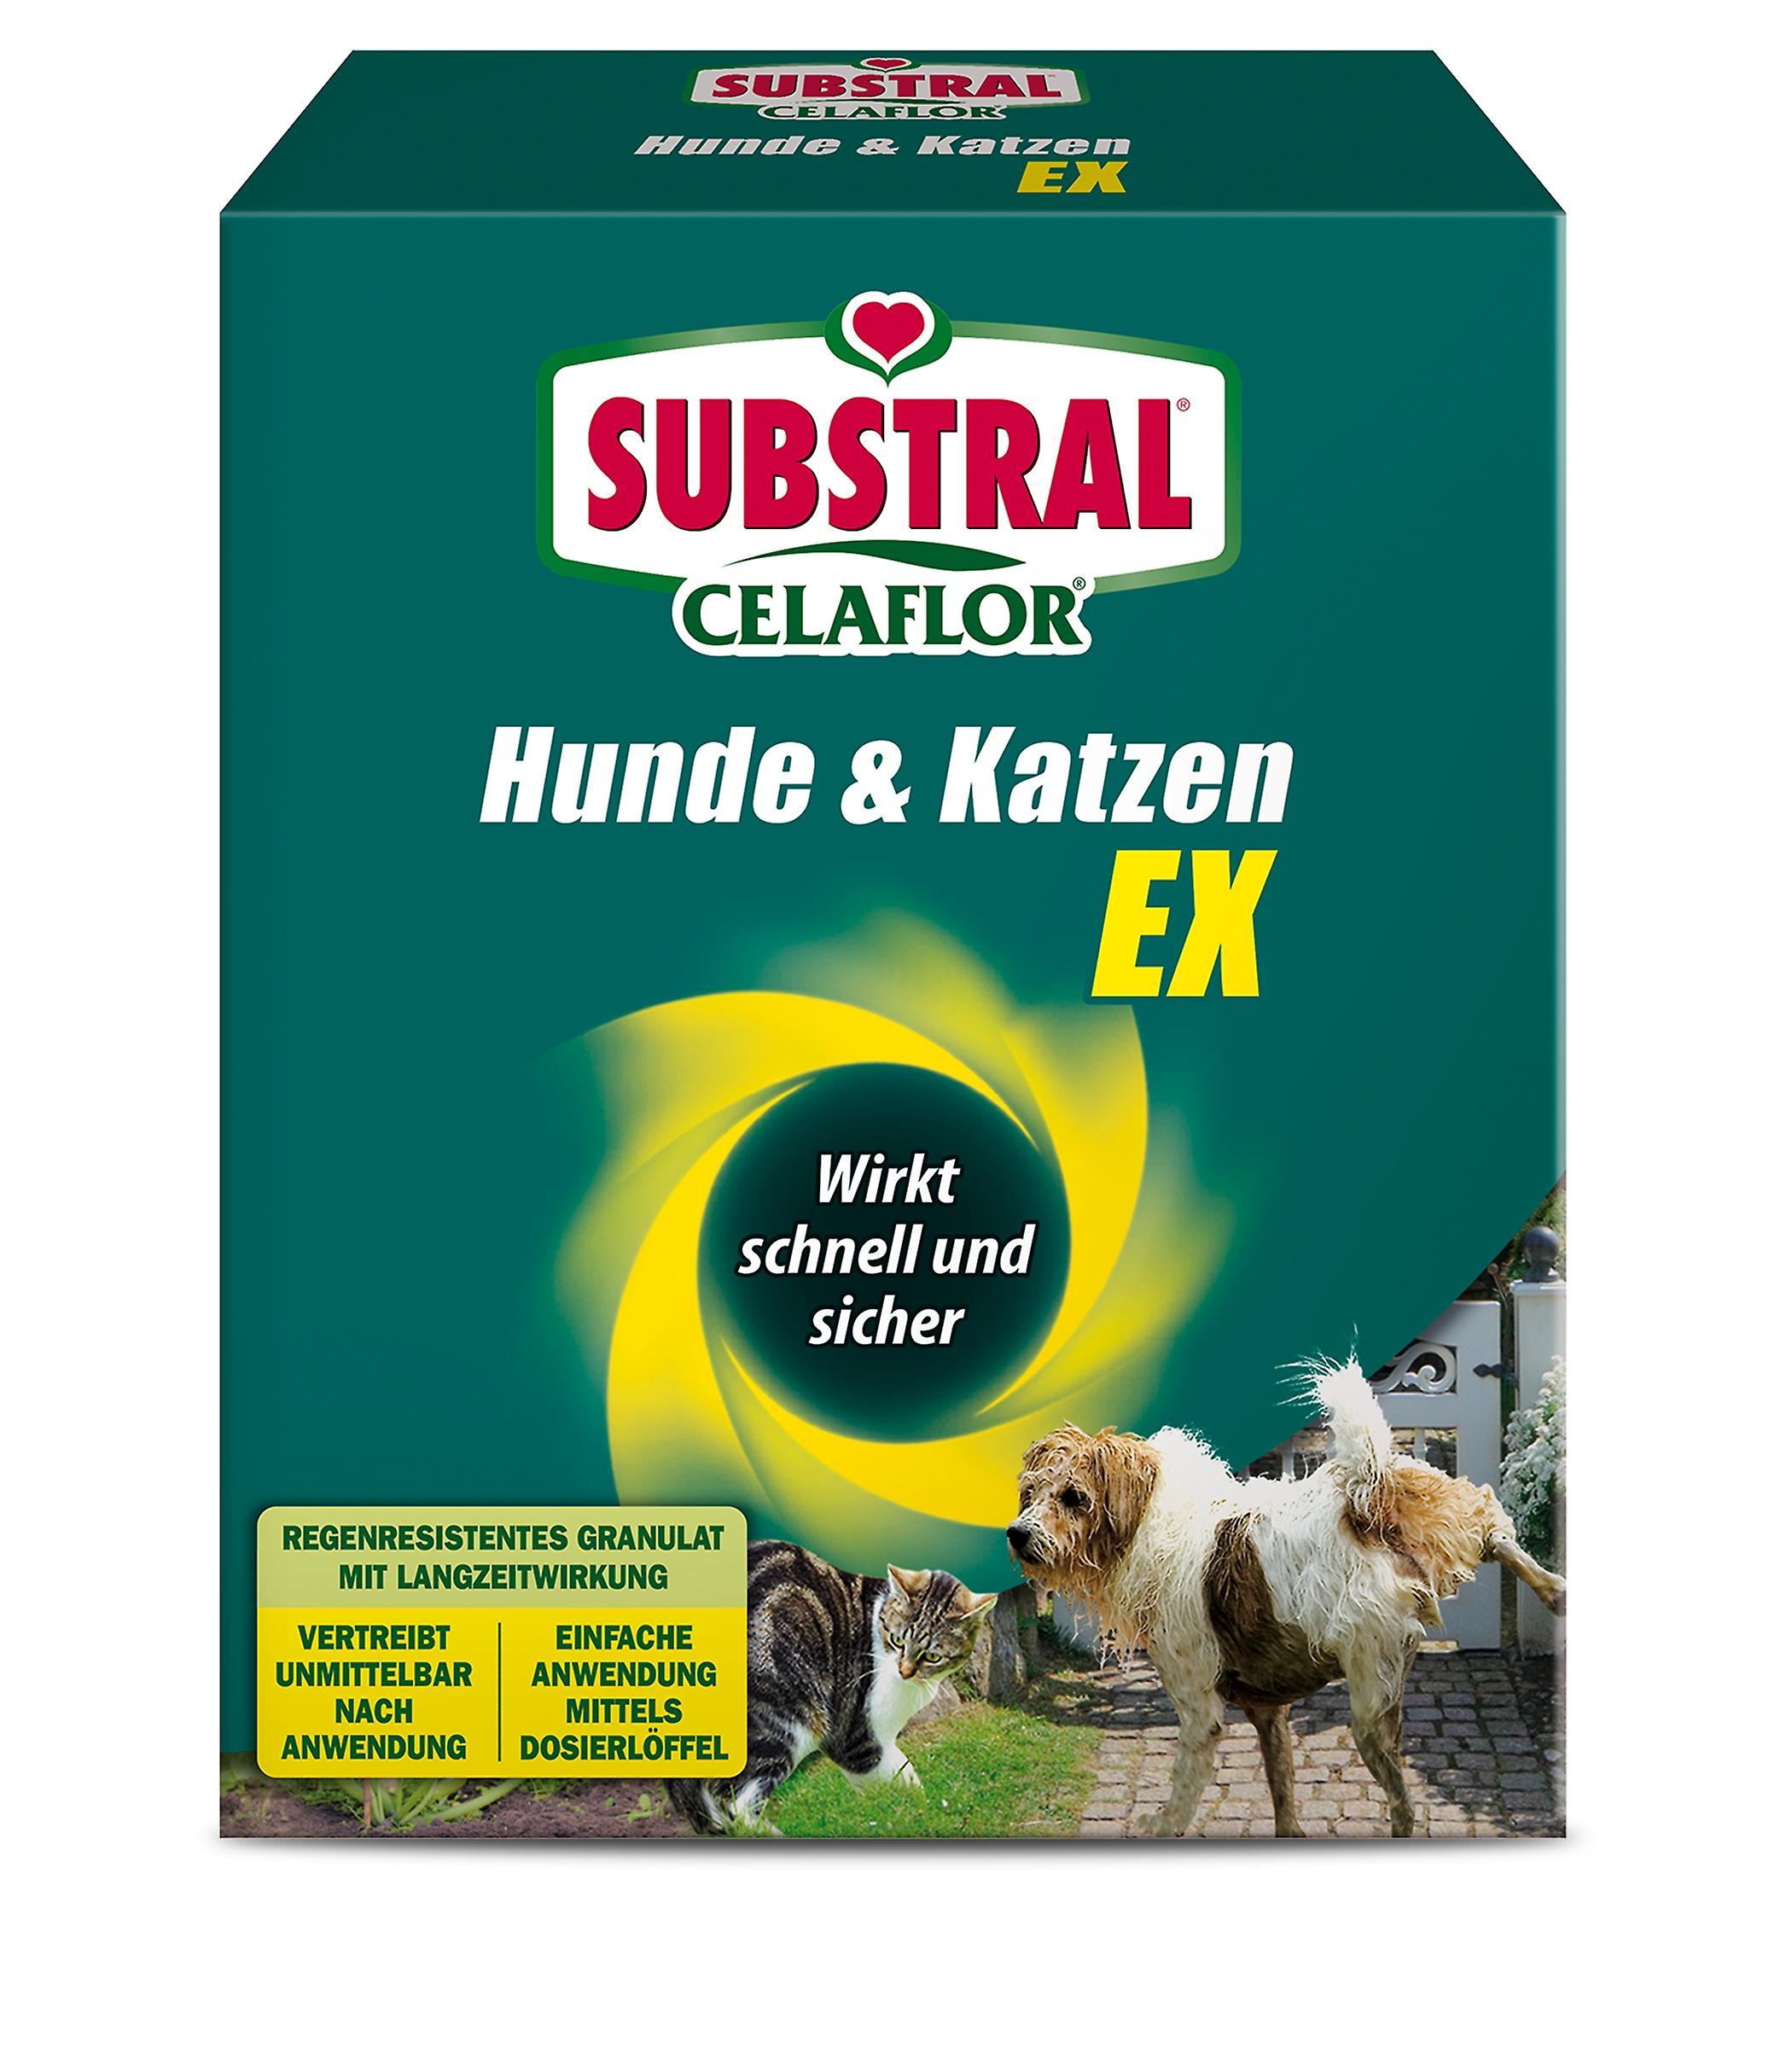 SUBSTRAL® Celaflor® Hunde & Katzen EX, 200 g